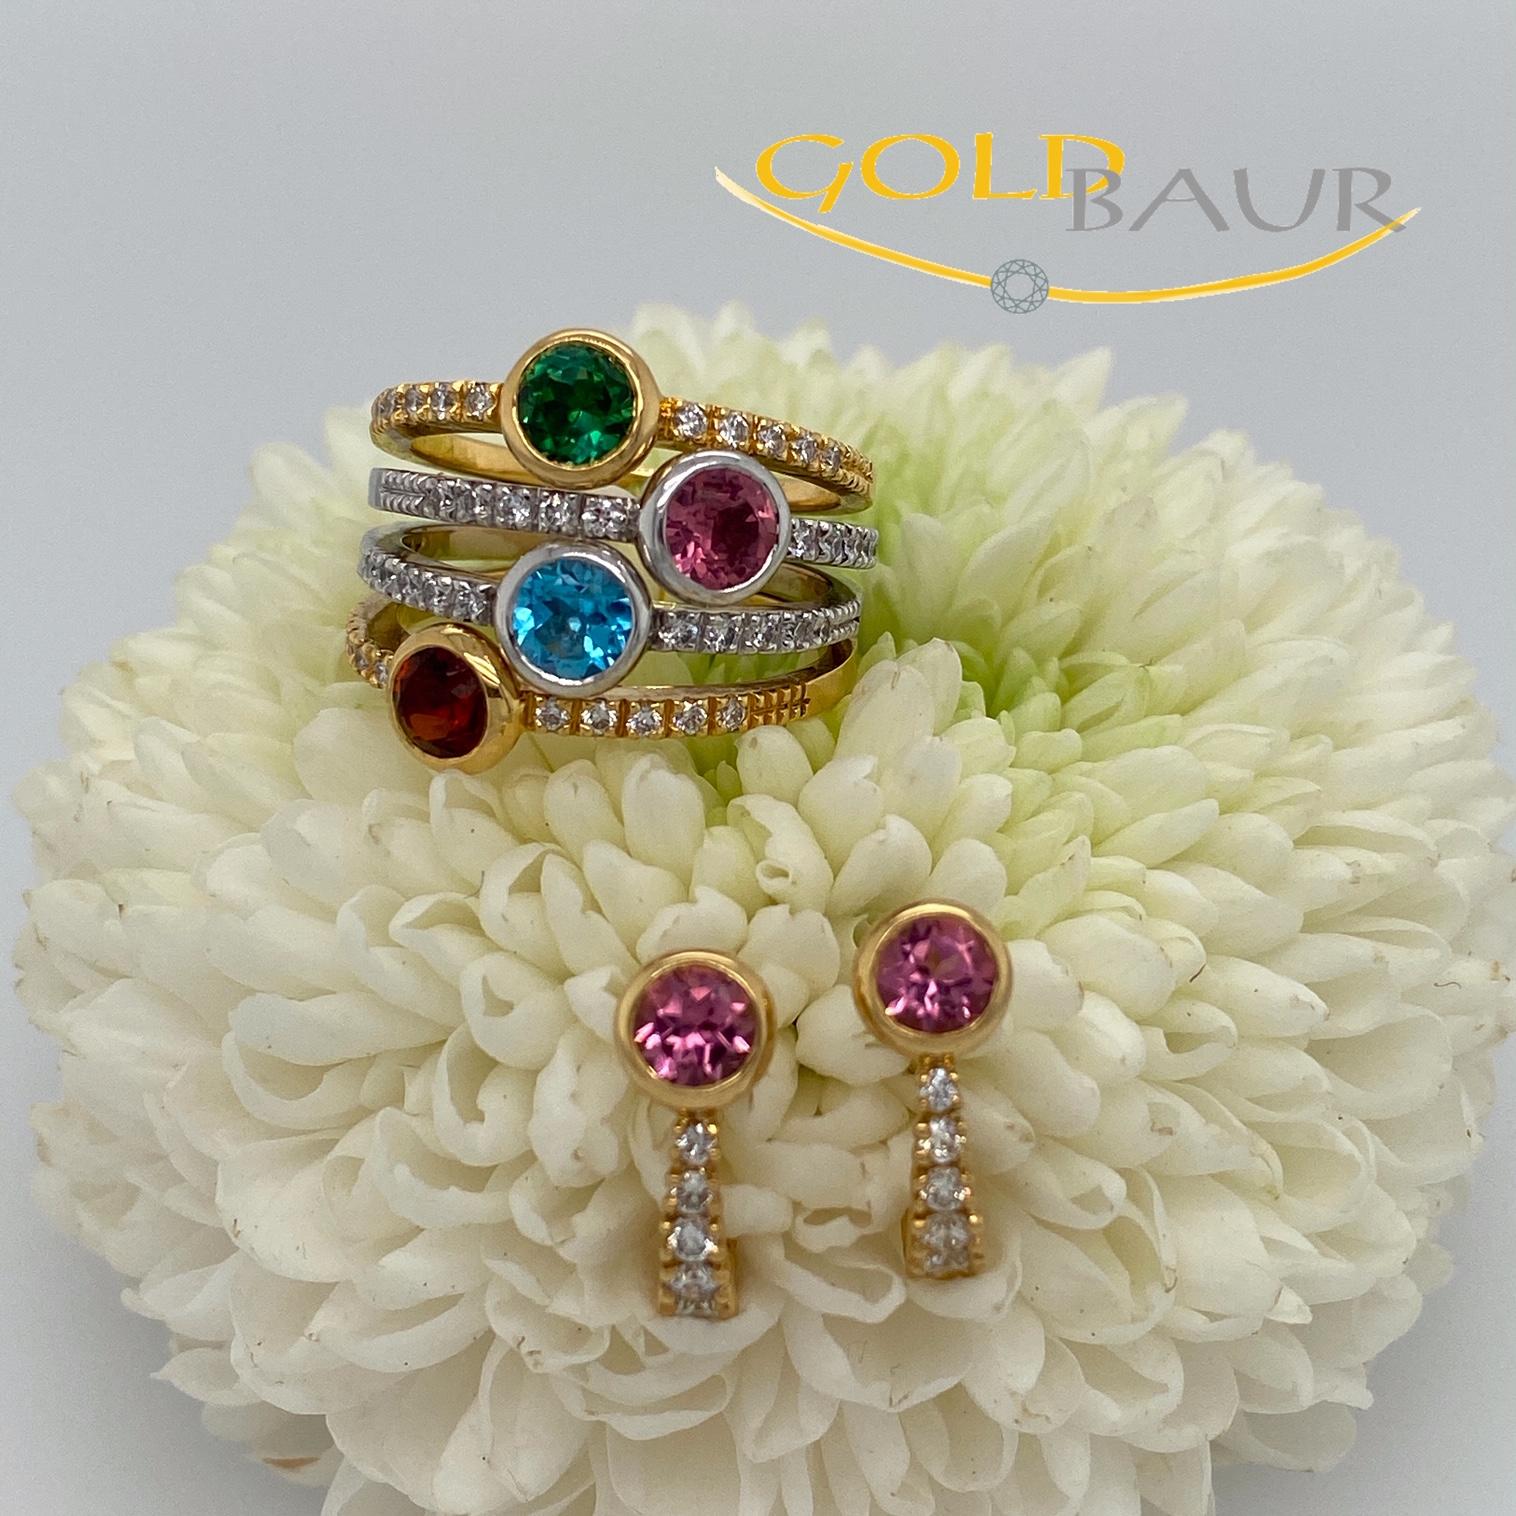 Ring, Edelstein-Ring, Brillant Turmalin, Edeltopas, Granat, Ohrstecker,Ohrring 750/Gelbgold, Handarbeit